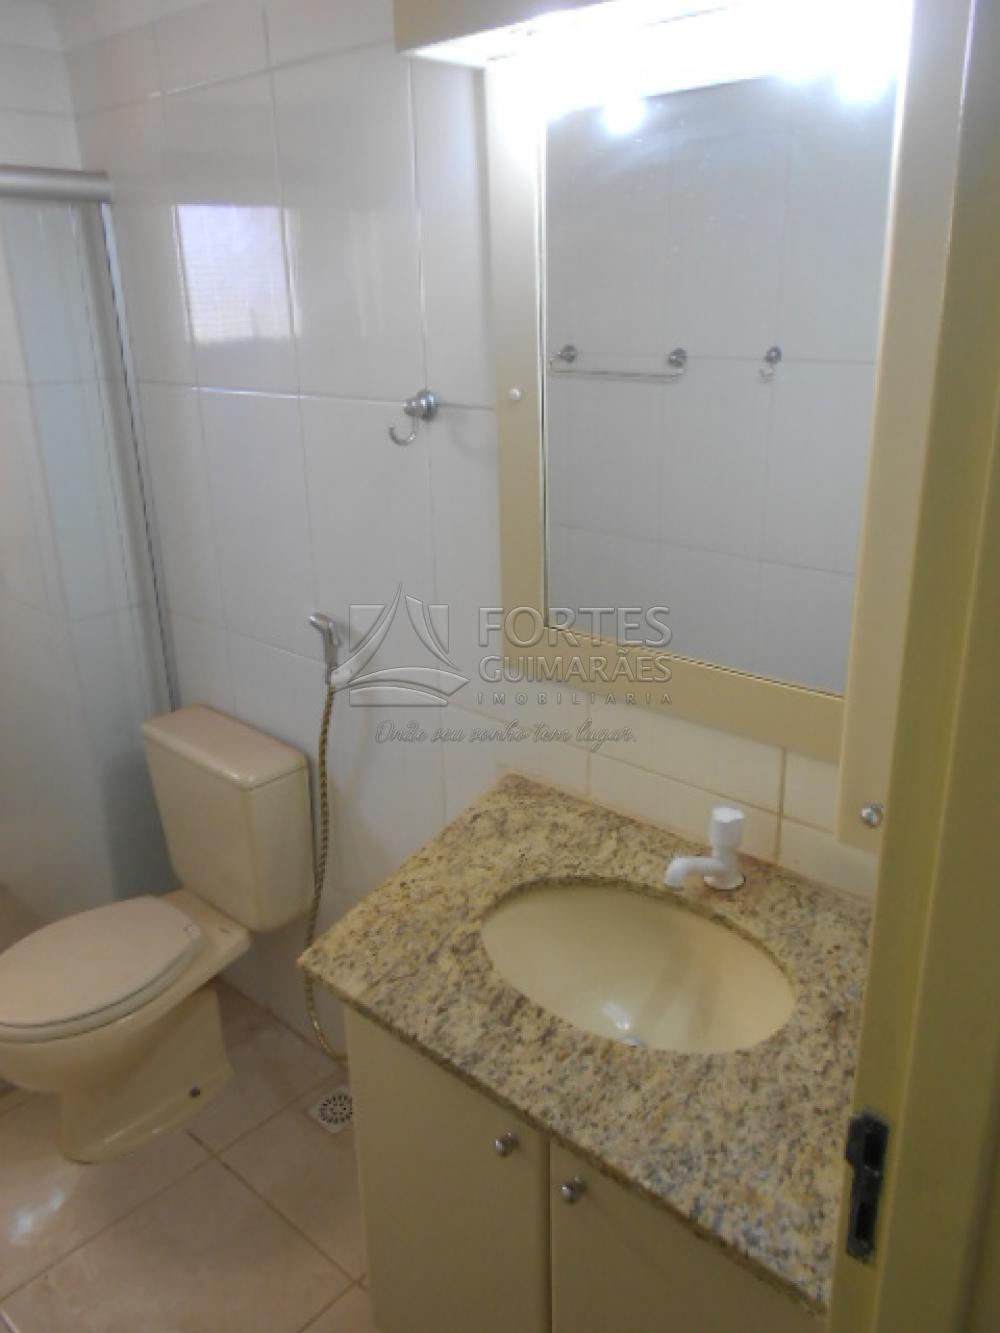 Alugar Apartamentos / Padrão em Ribeirão Preto apenas R$ 950,00 - Foto 27